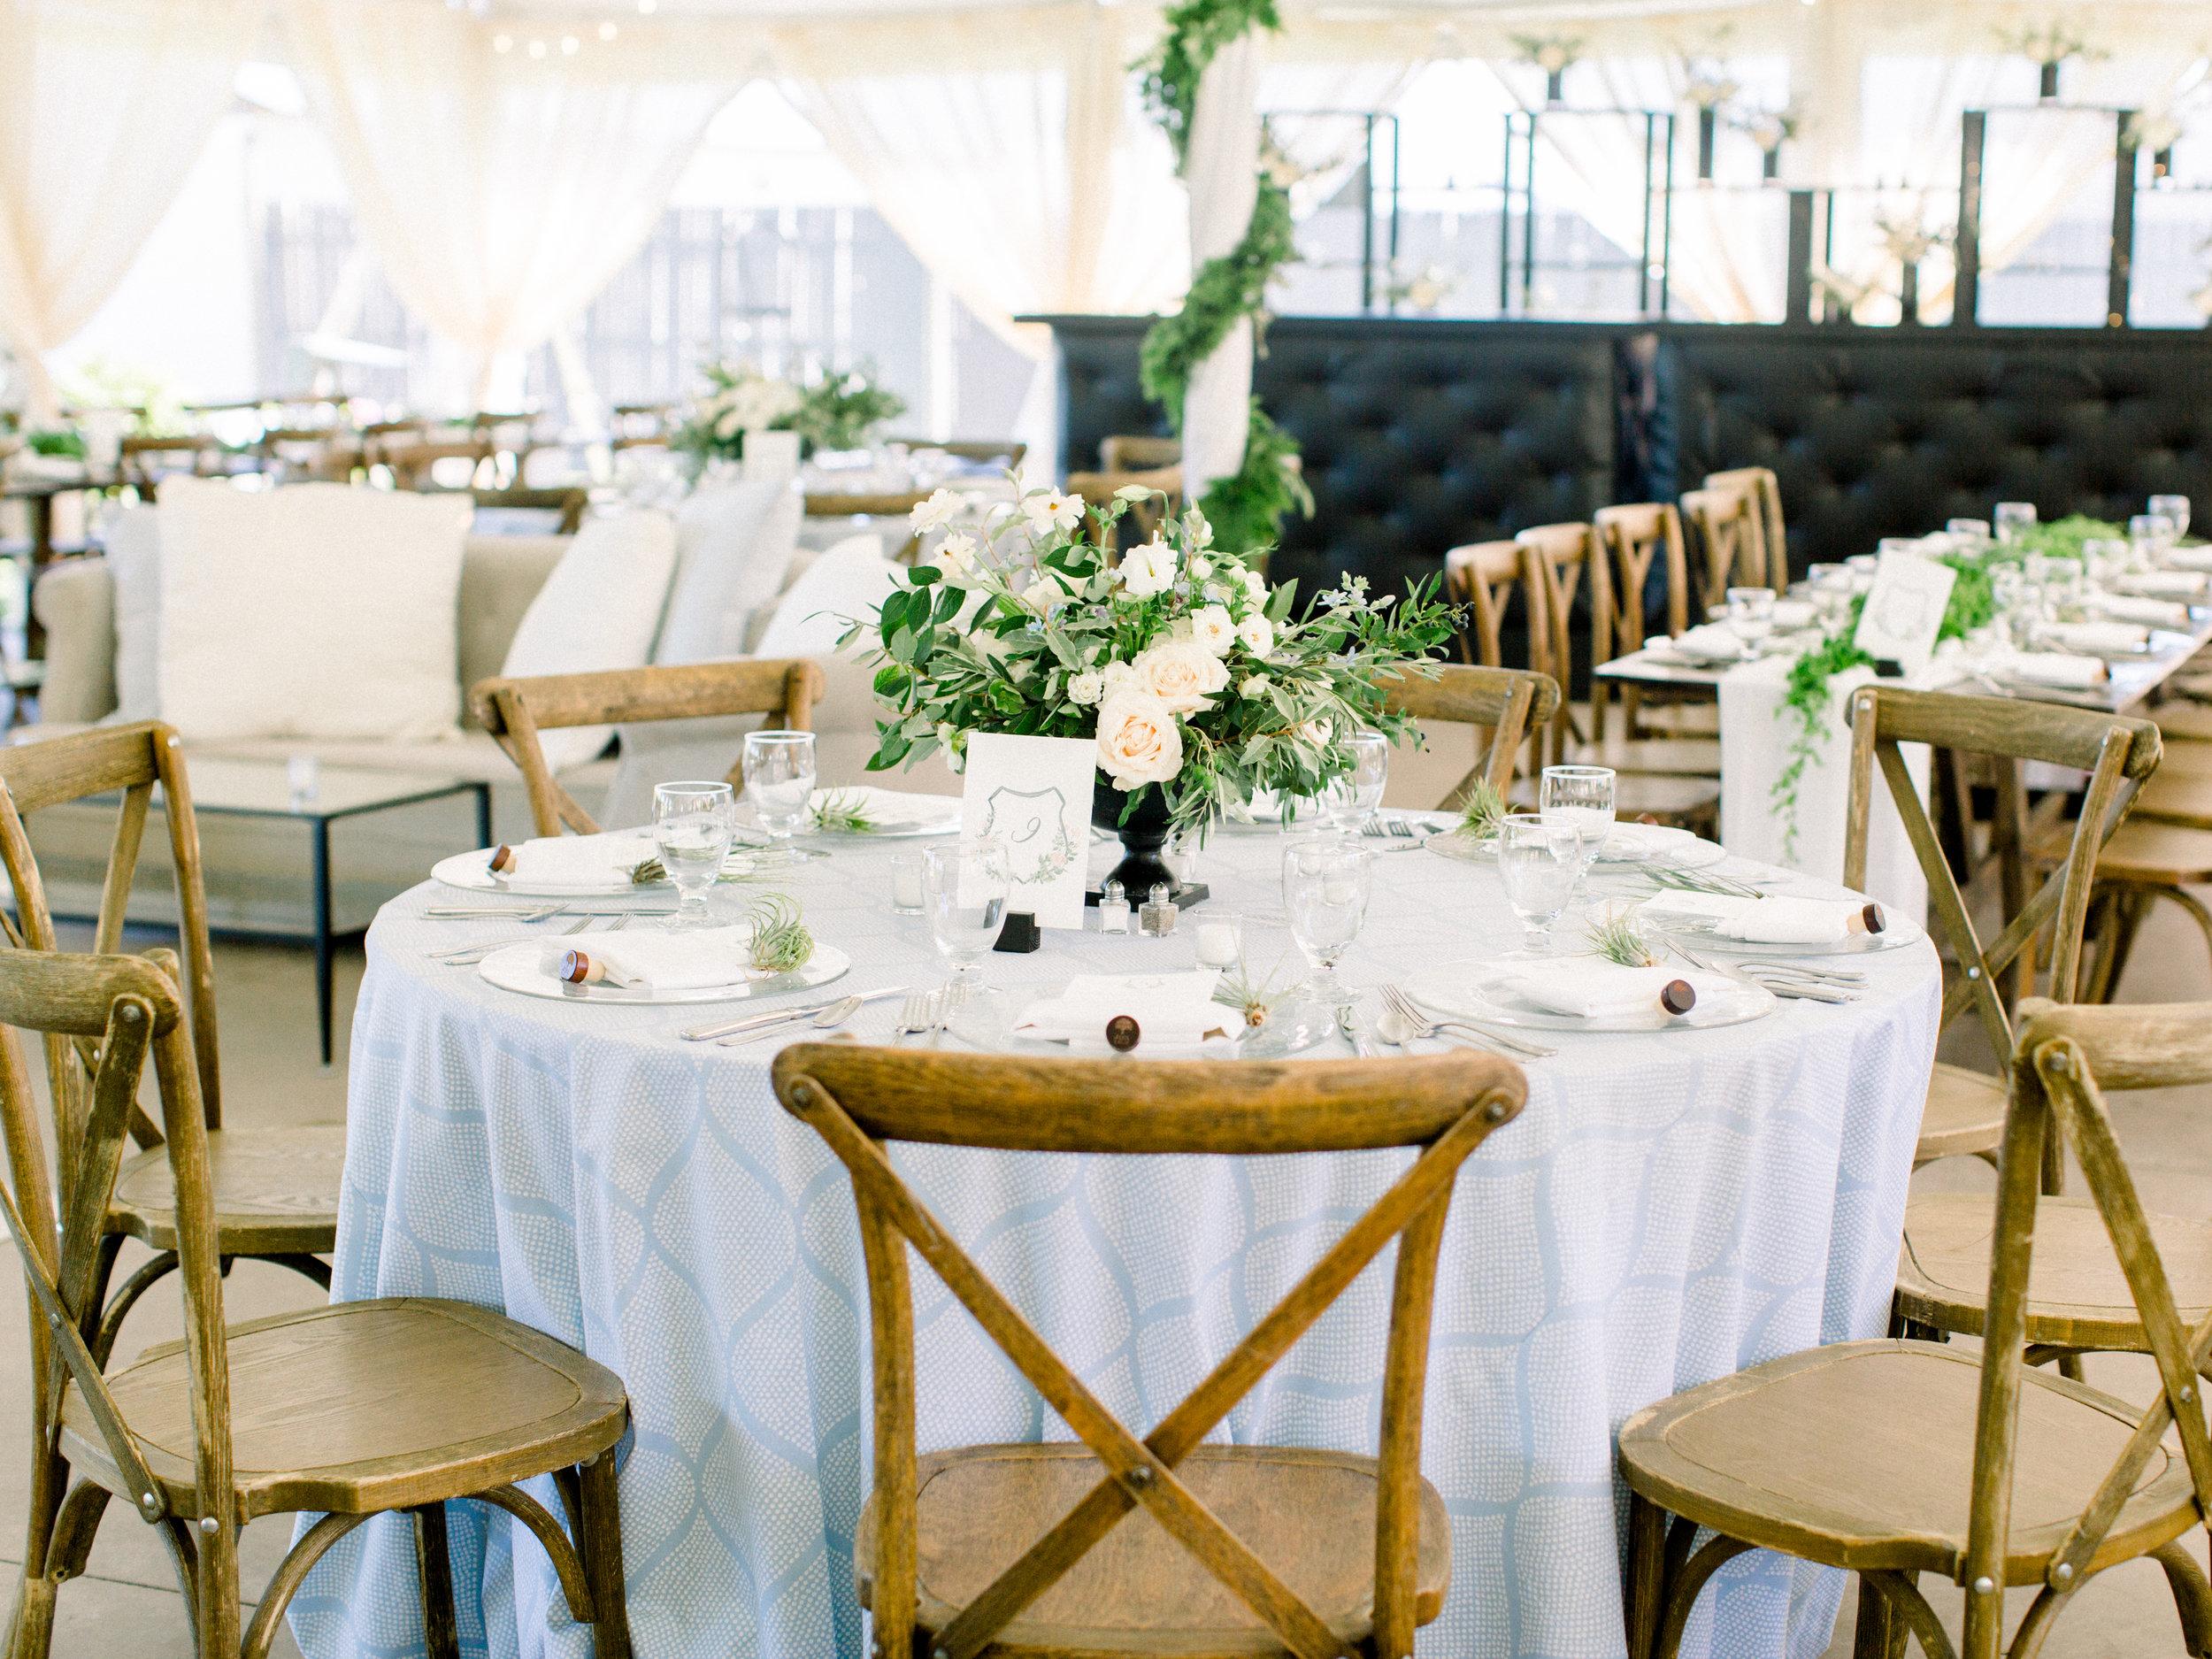 Steinlage+Wedding+Reception+Details-15.jpg